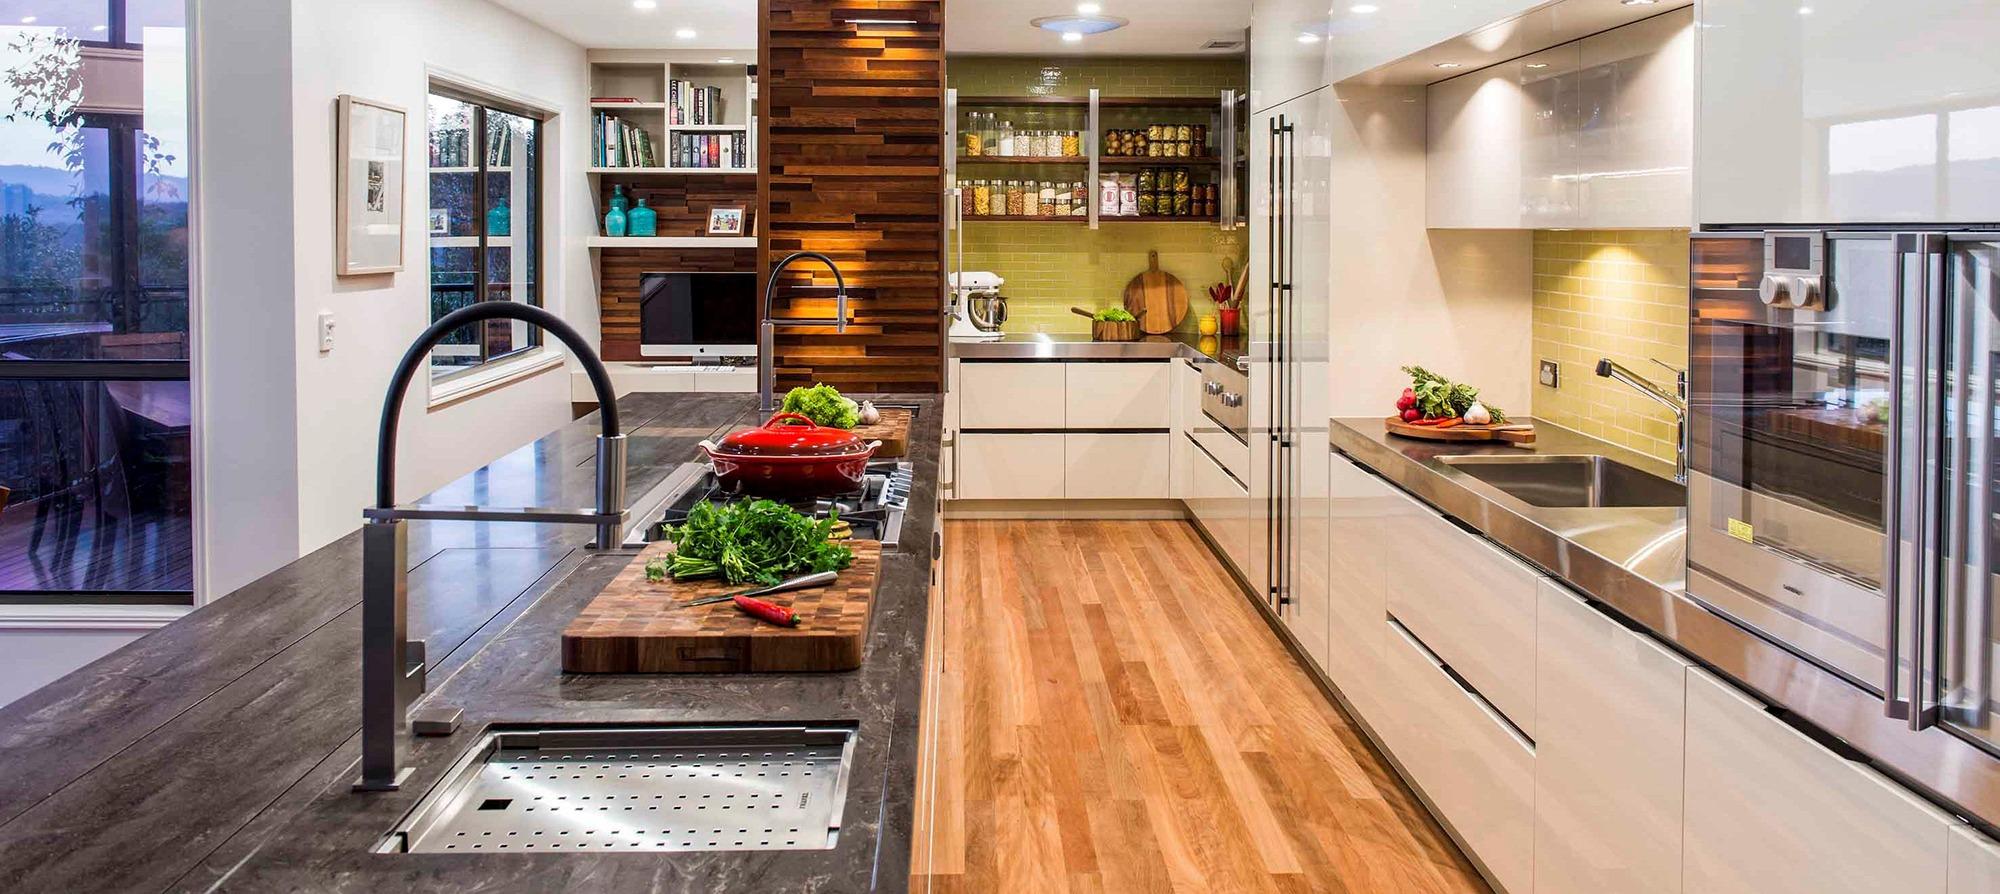 Варианты столешниц на кухне из натурального материала, пластика или стекла (23 фото)